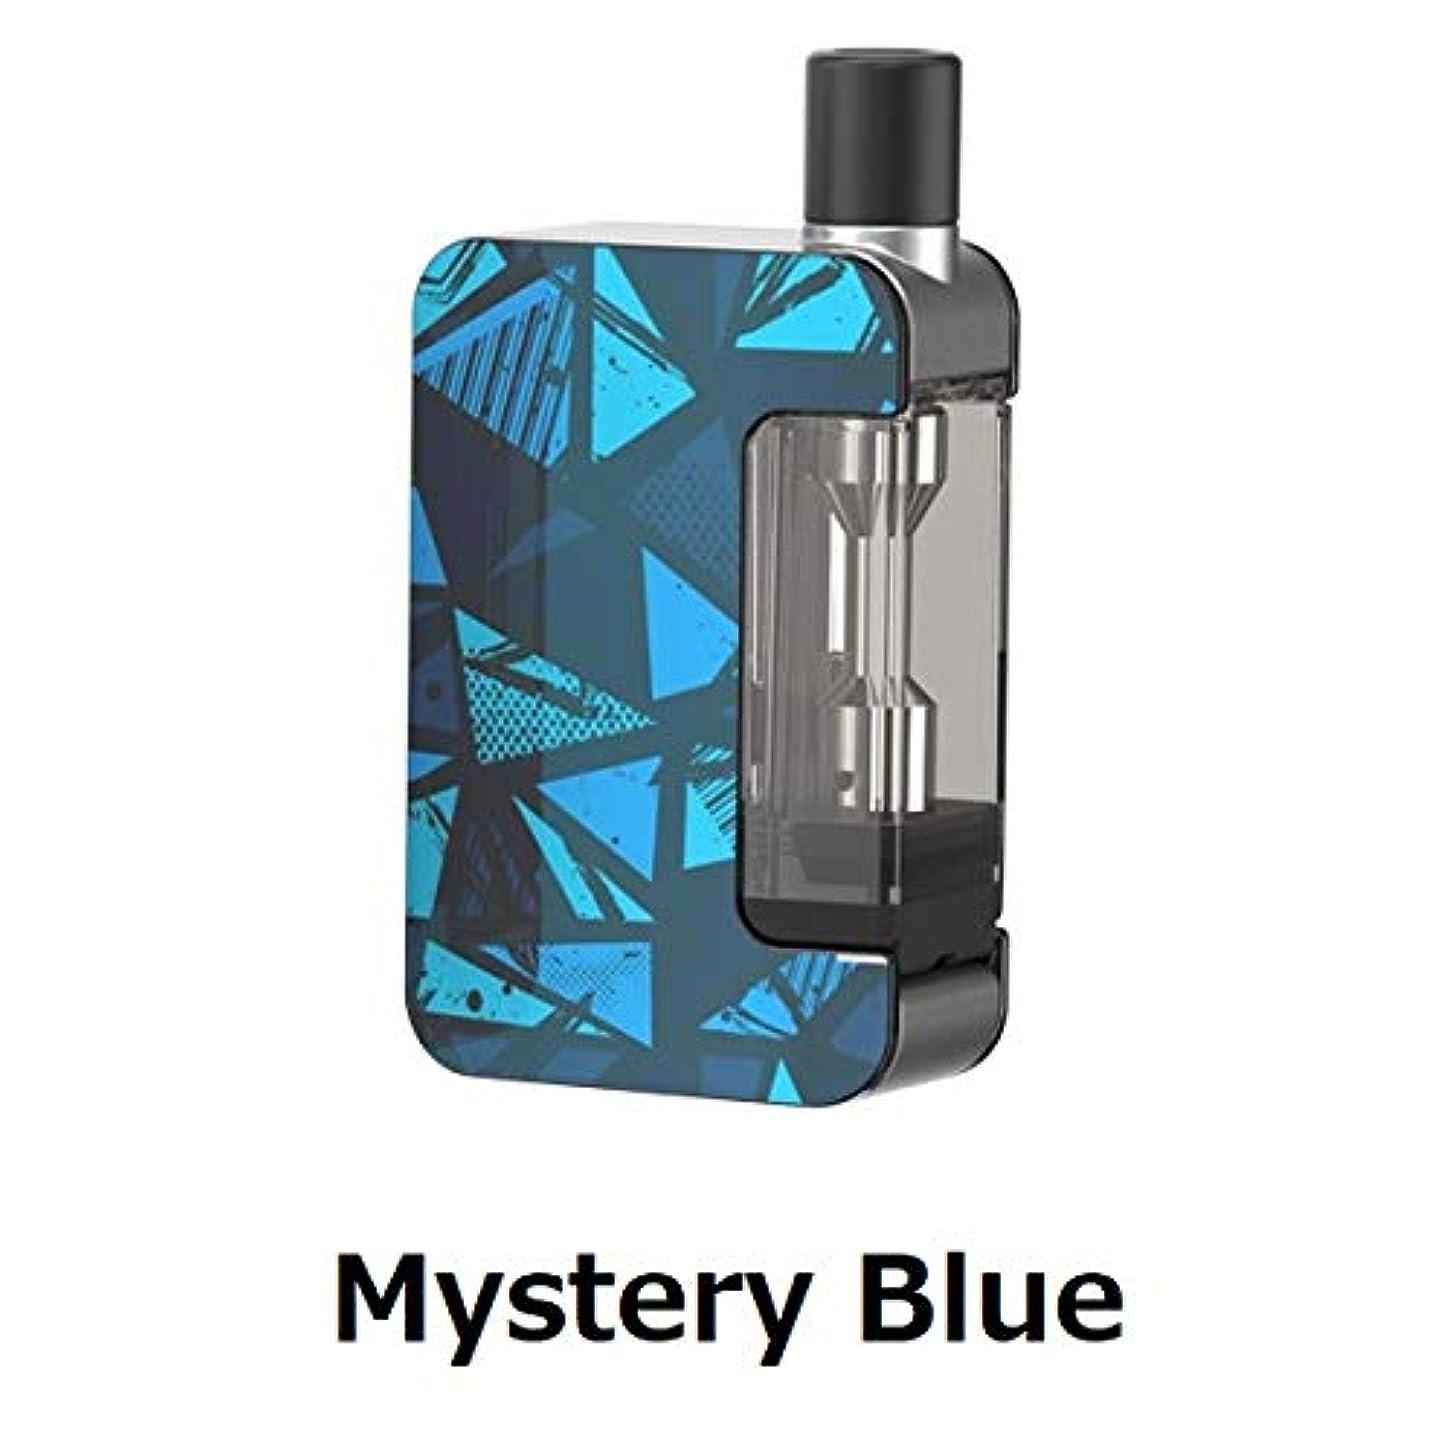 不調和翻訳神経障害Joyetech Exceed Grip kit 1000mah[ジョイテック エクシードグリップ] (Mystery Blue)